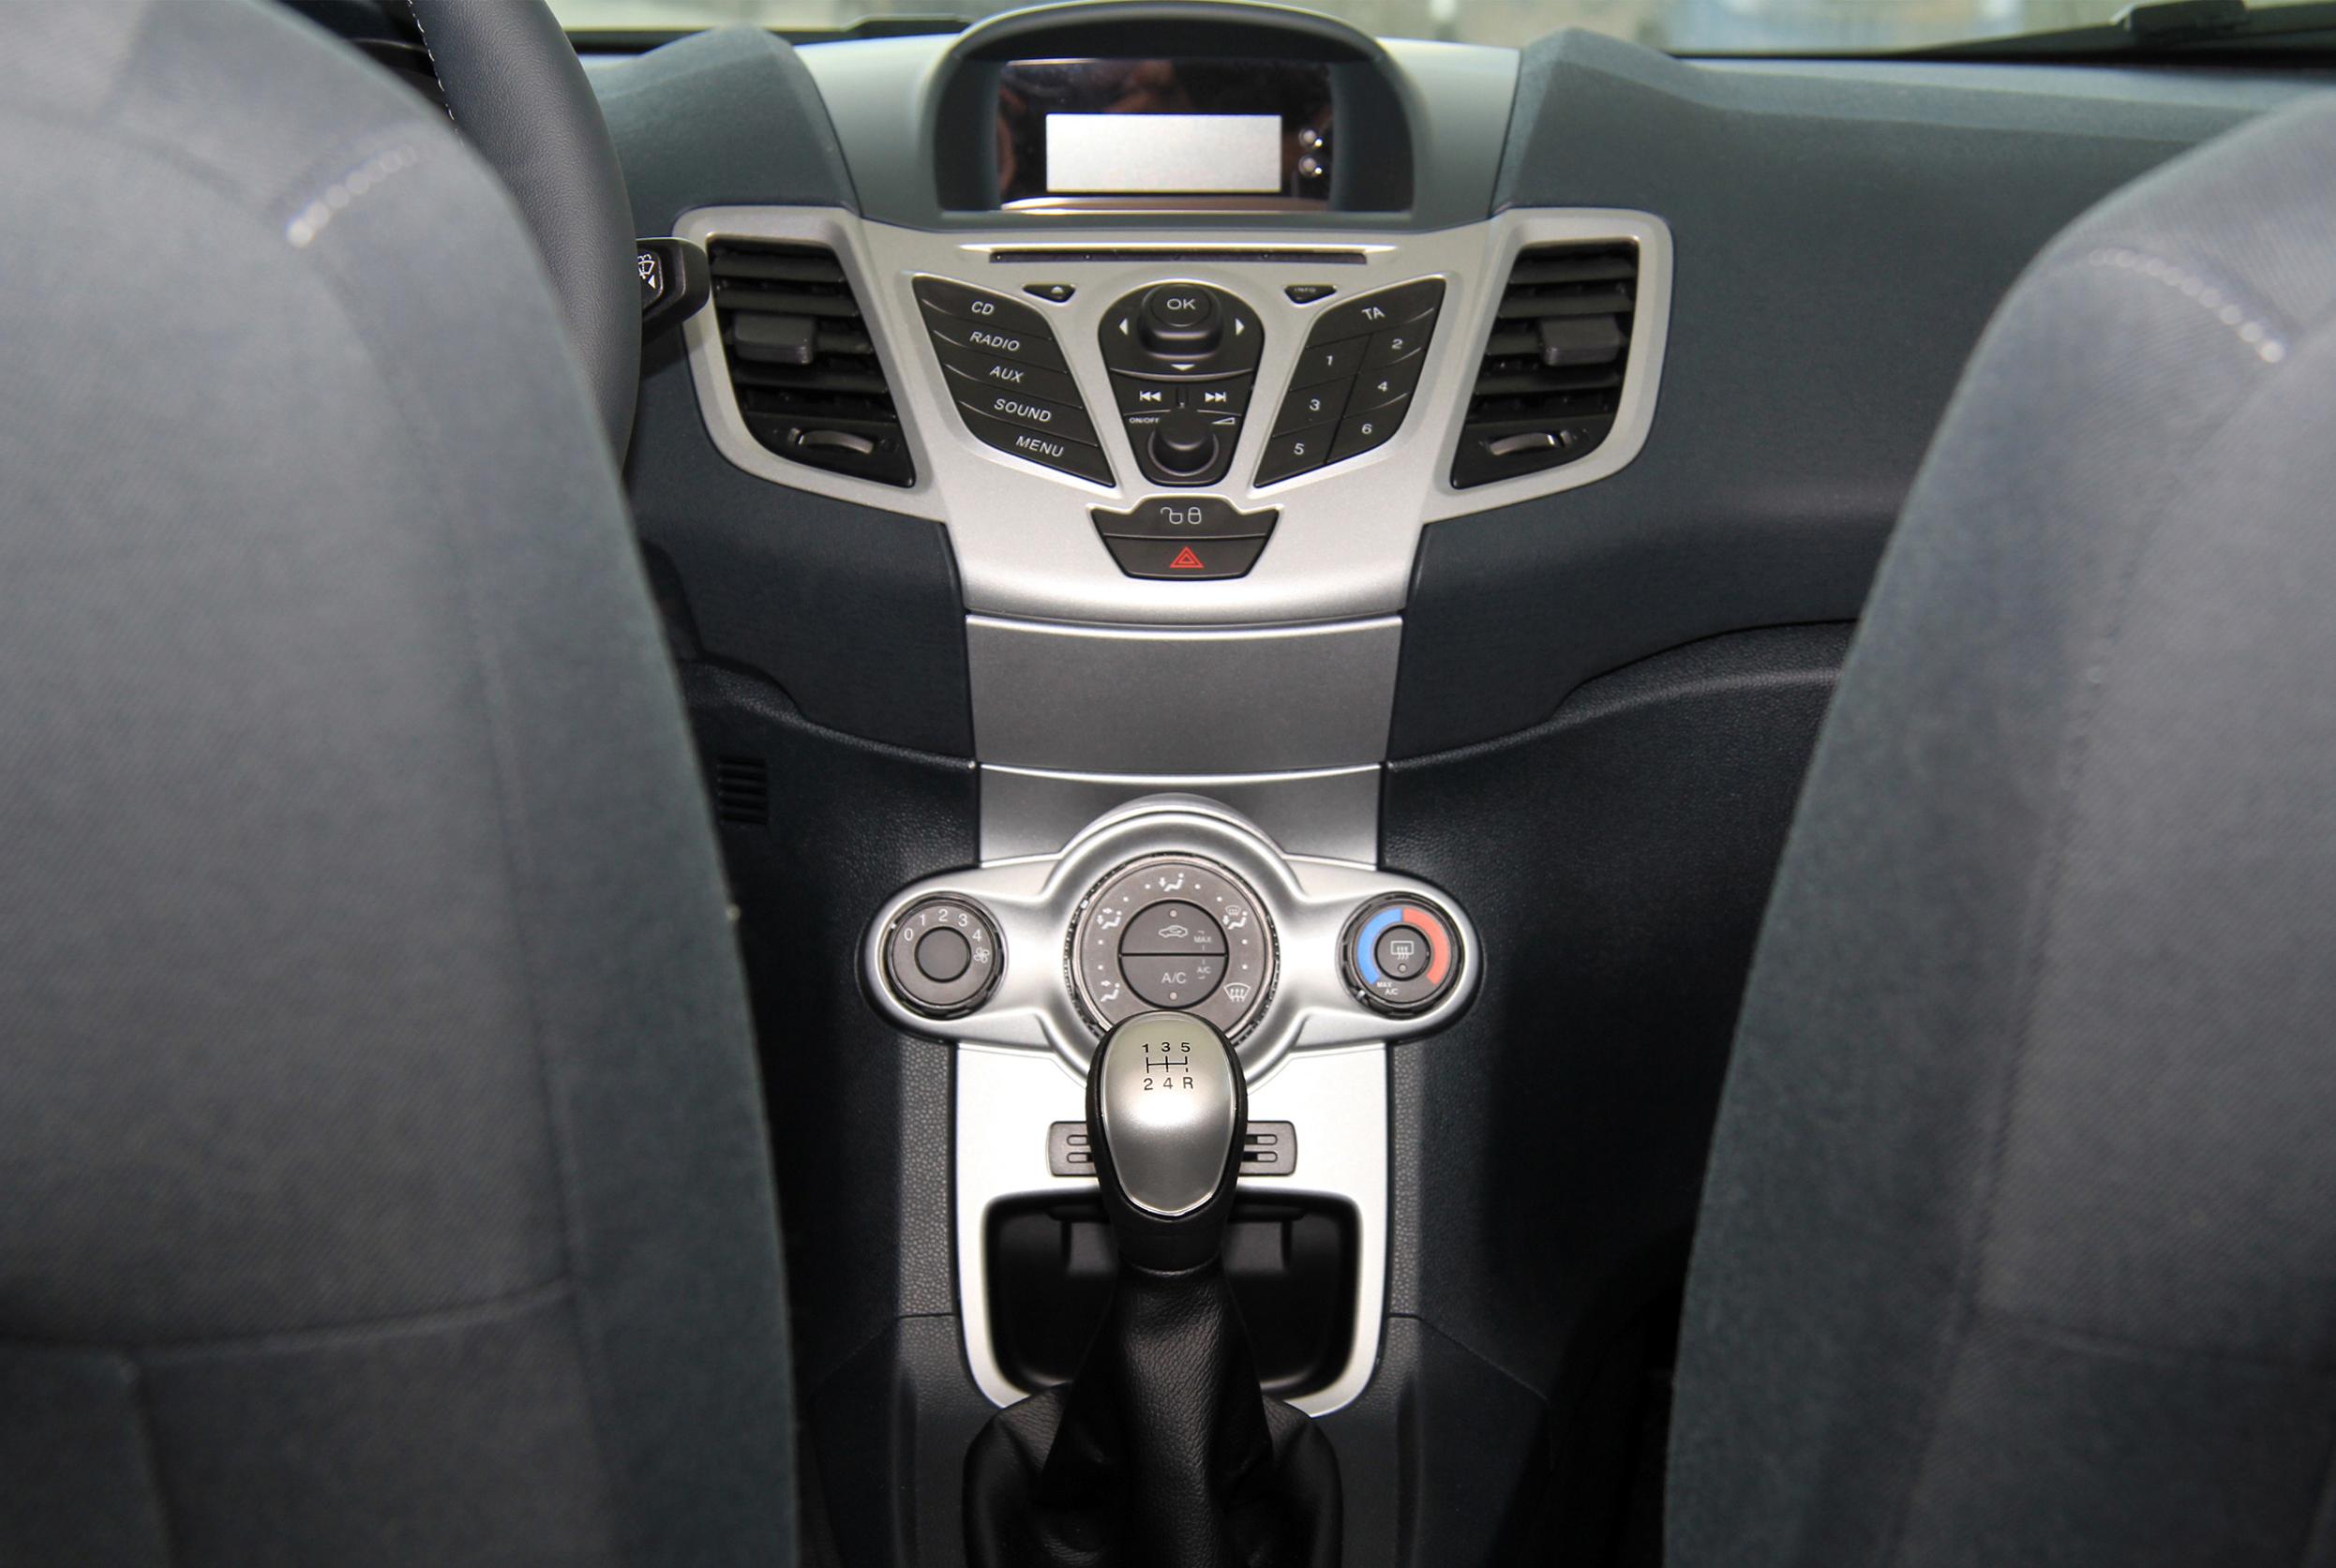 عکس از داخل ماشین